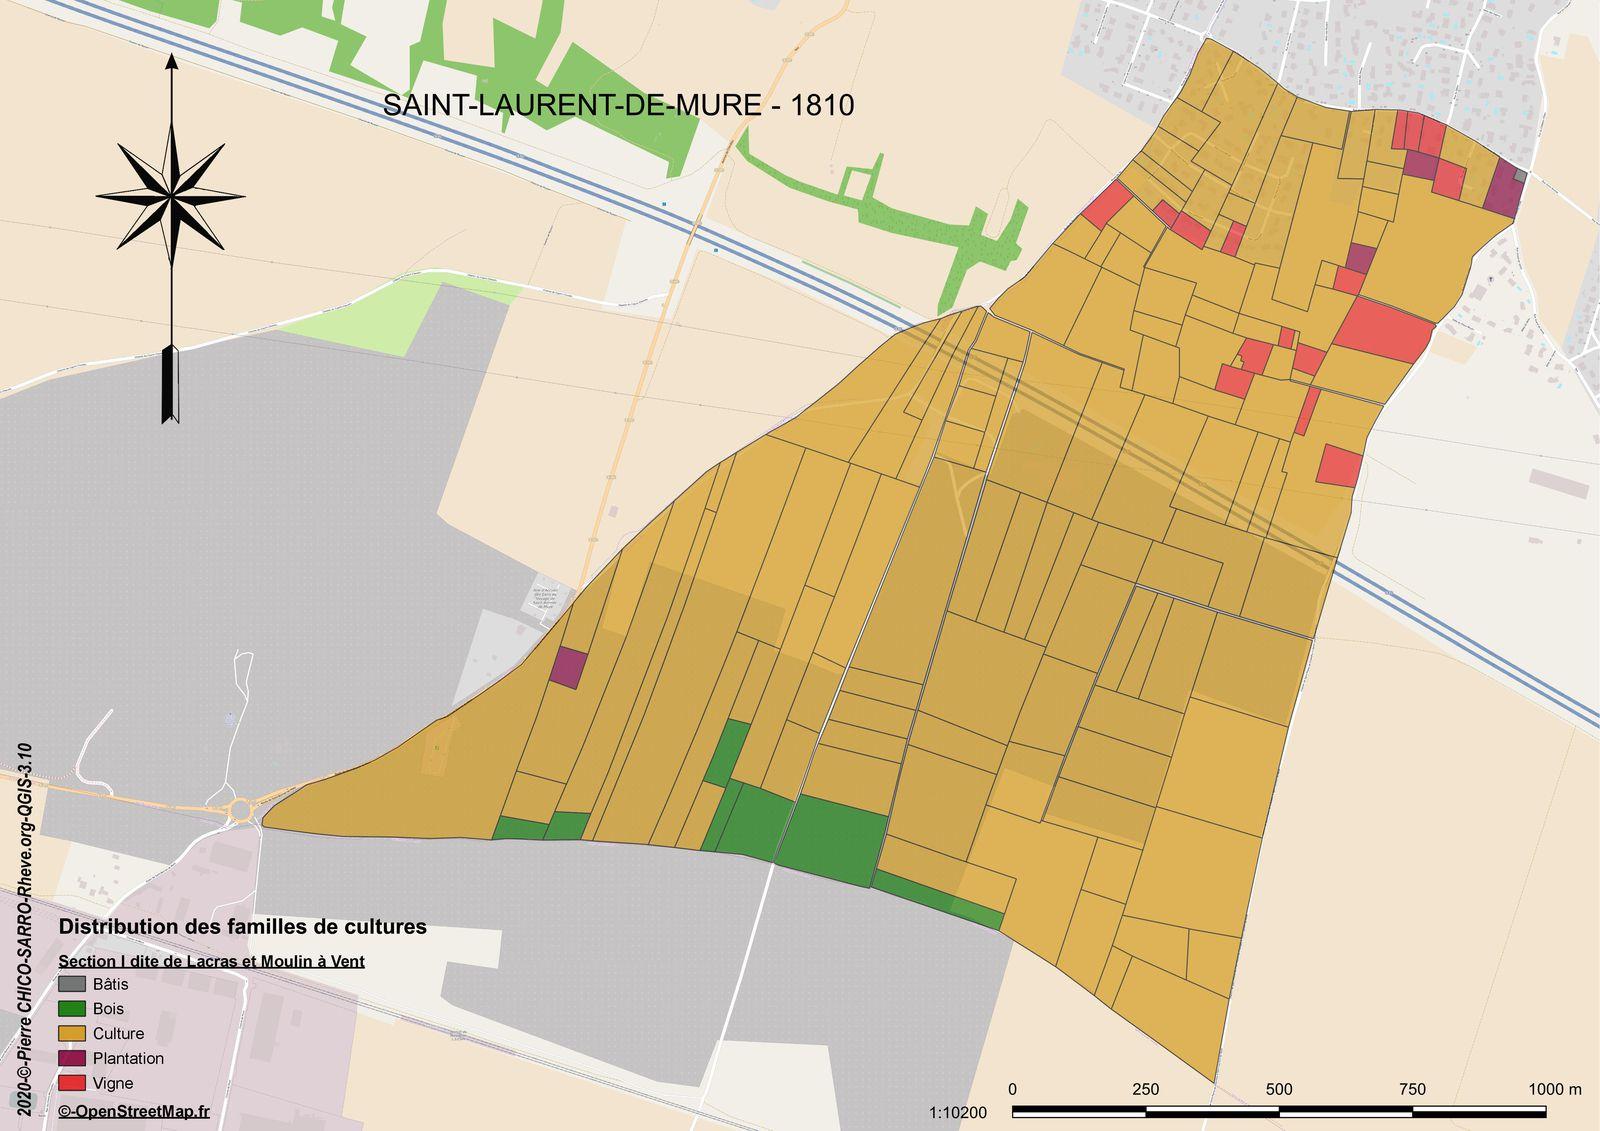 Carte de la distribution des familles de cultures dans la section I dite de Lacras et Moulin à Vent à Saint-Laurent-de-Mure en 1810